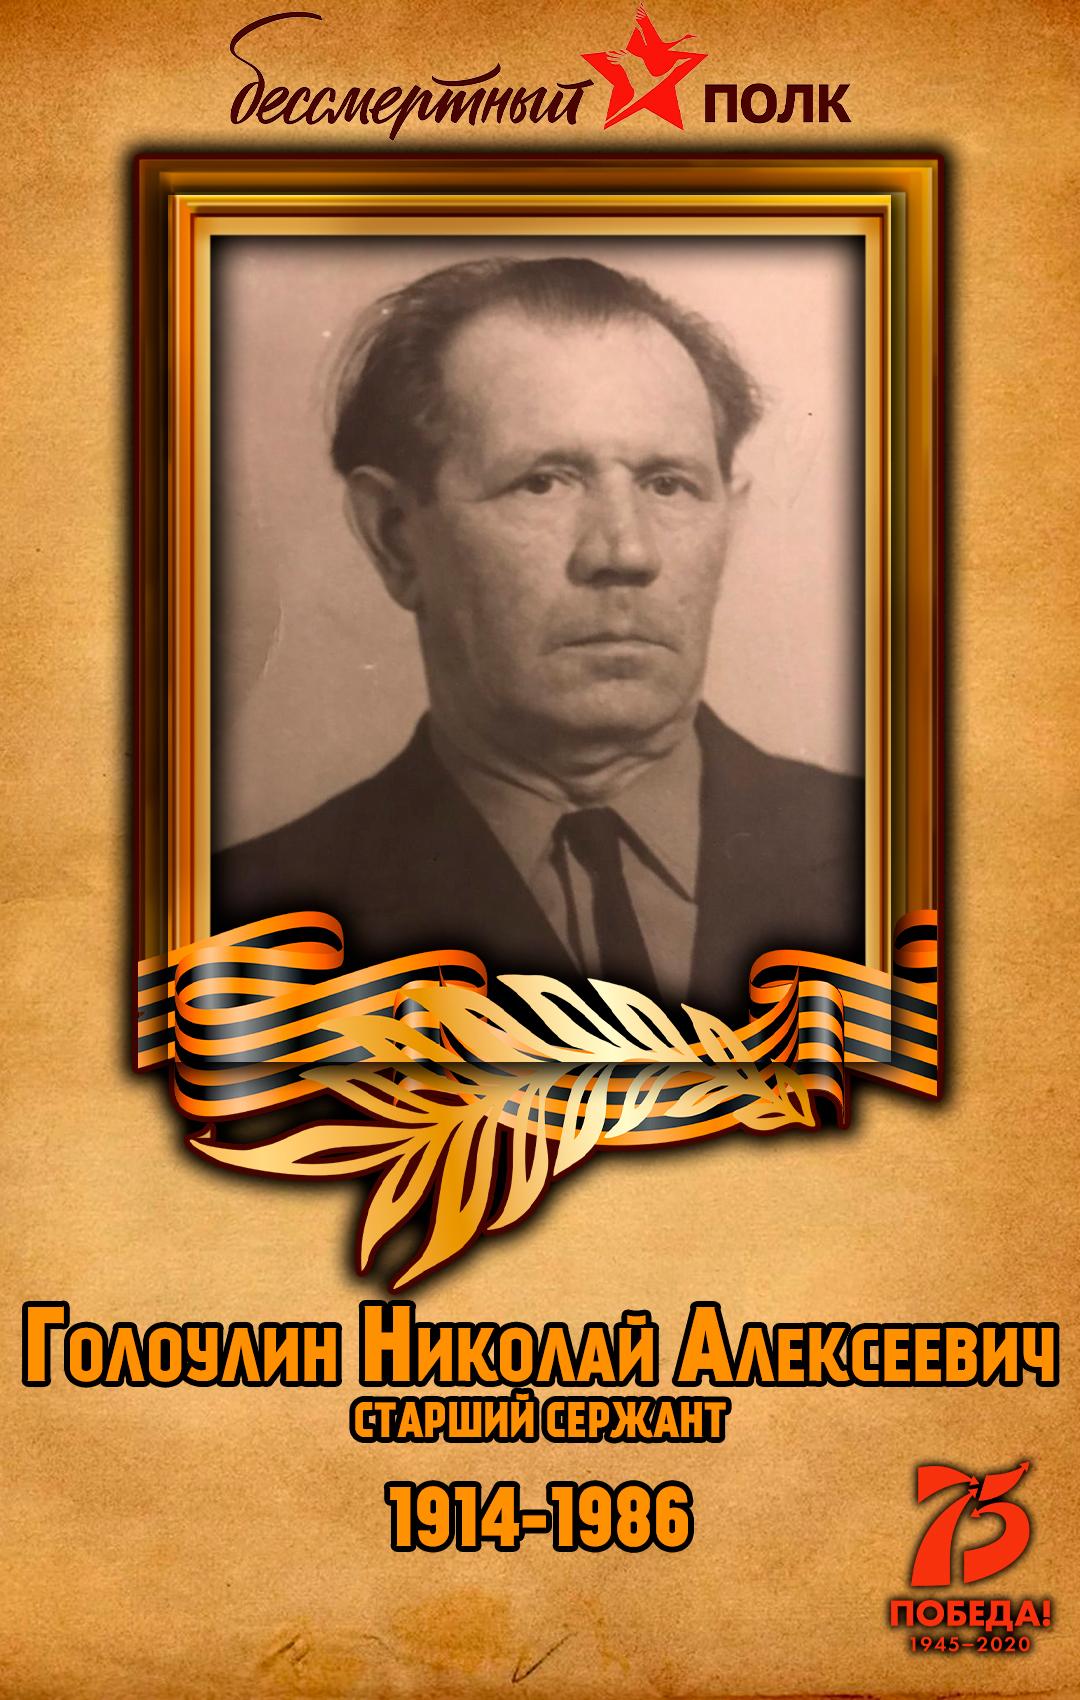 Голоулин-Николай-Алексеевич